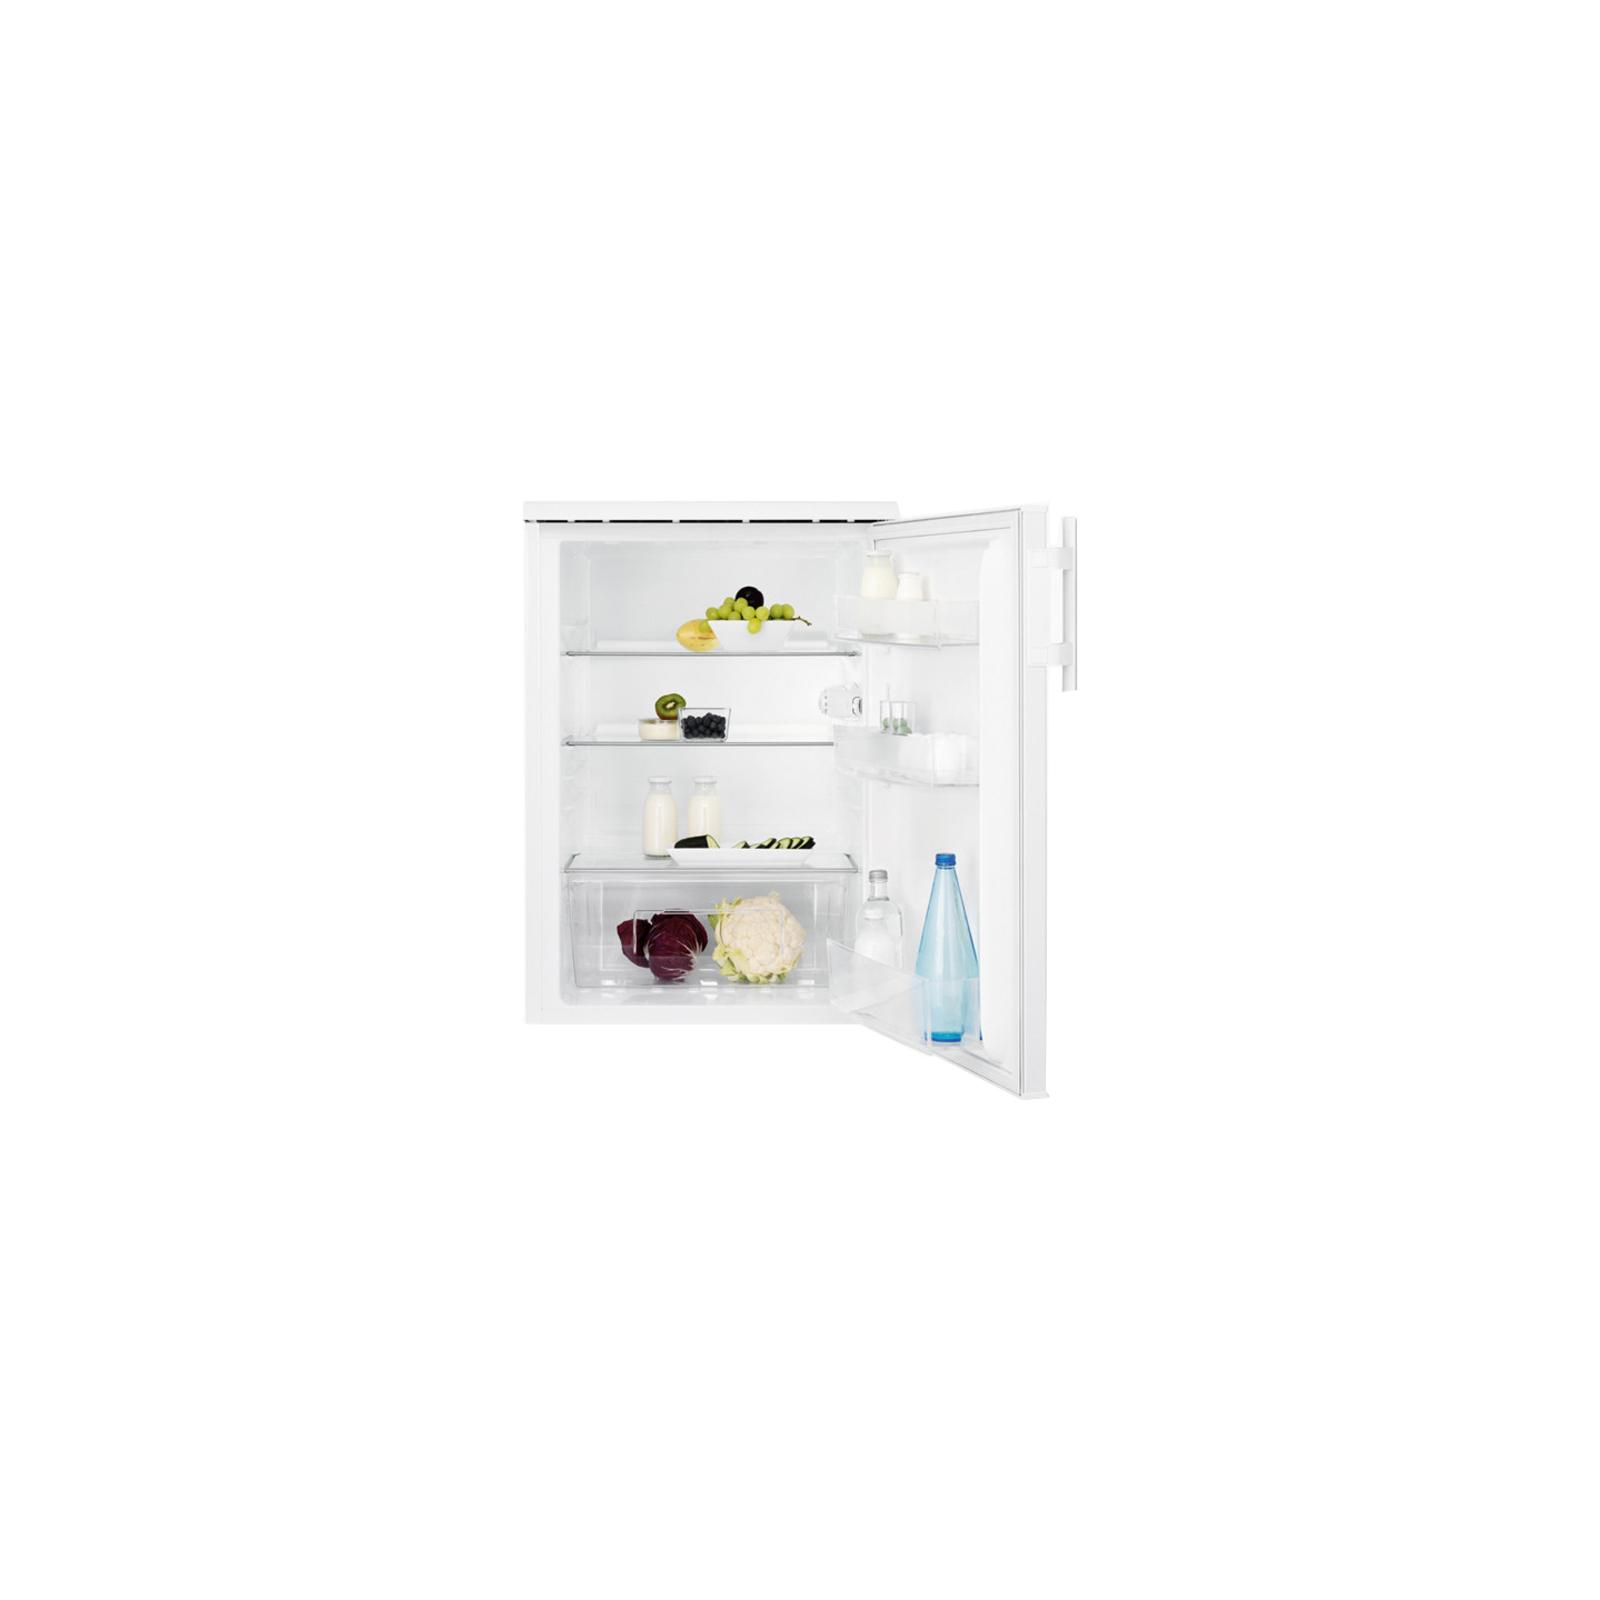 Холодильник Electrolux ERT 1601 AOW3 (ERT1601AOW3) изображение 2